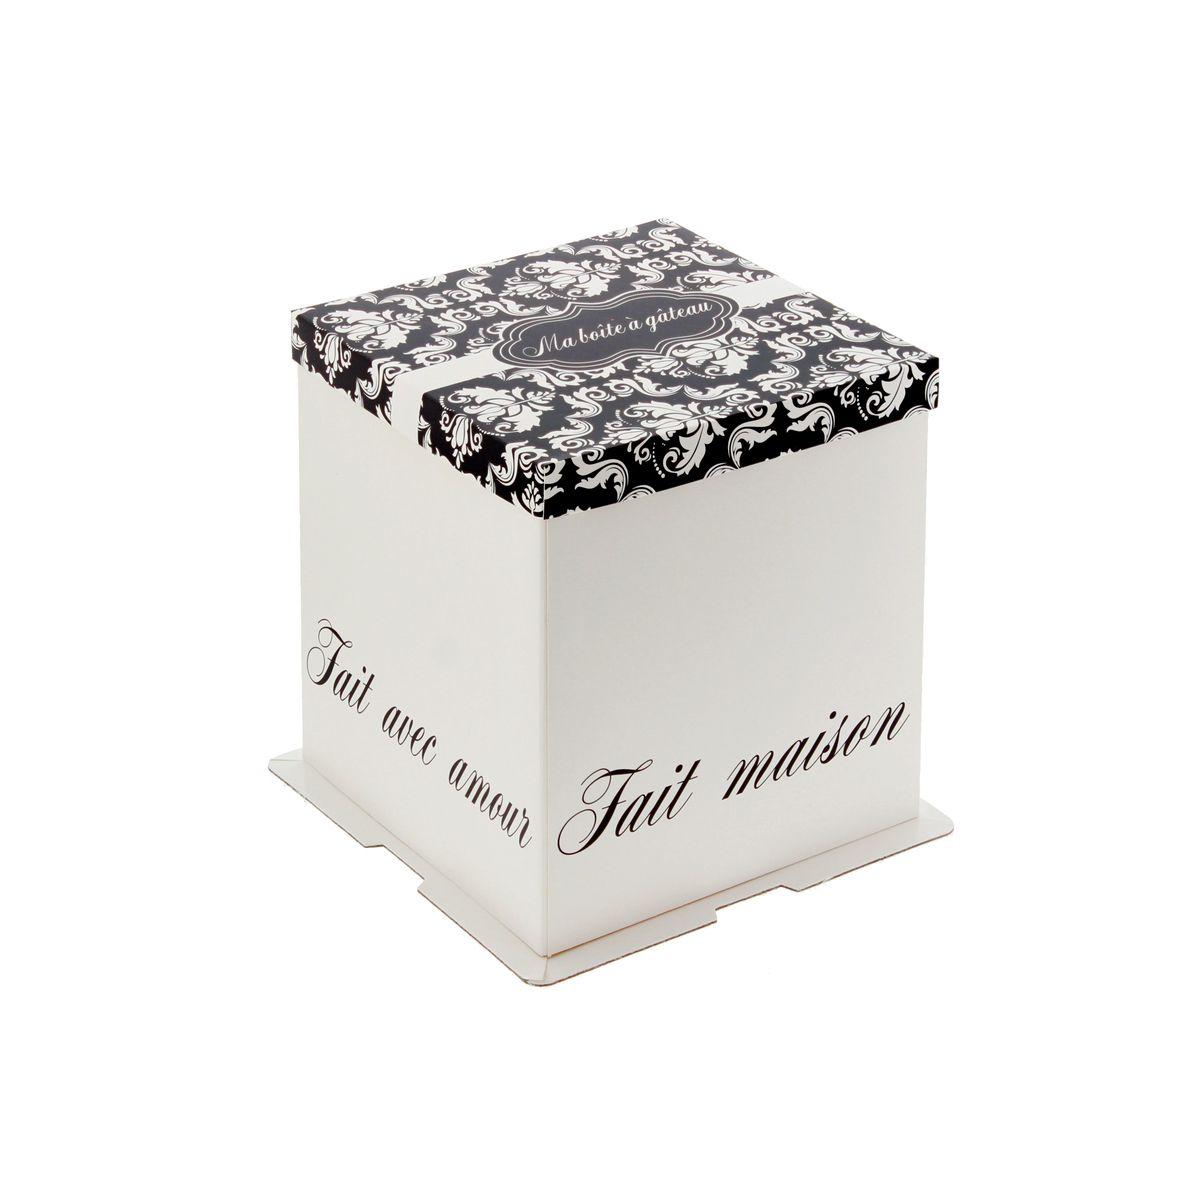 Boîte à gâteaux blanche et noire 21 x 21 x 22 cm - Patisdecor